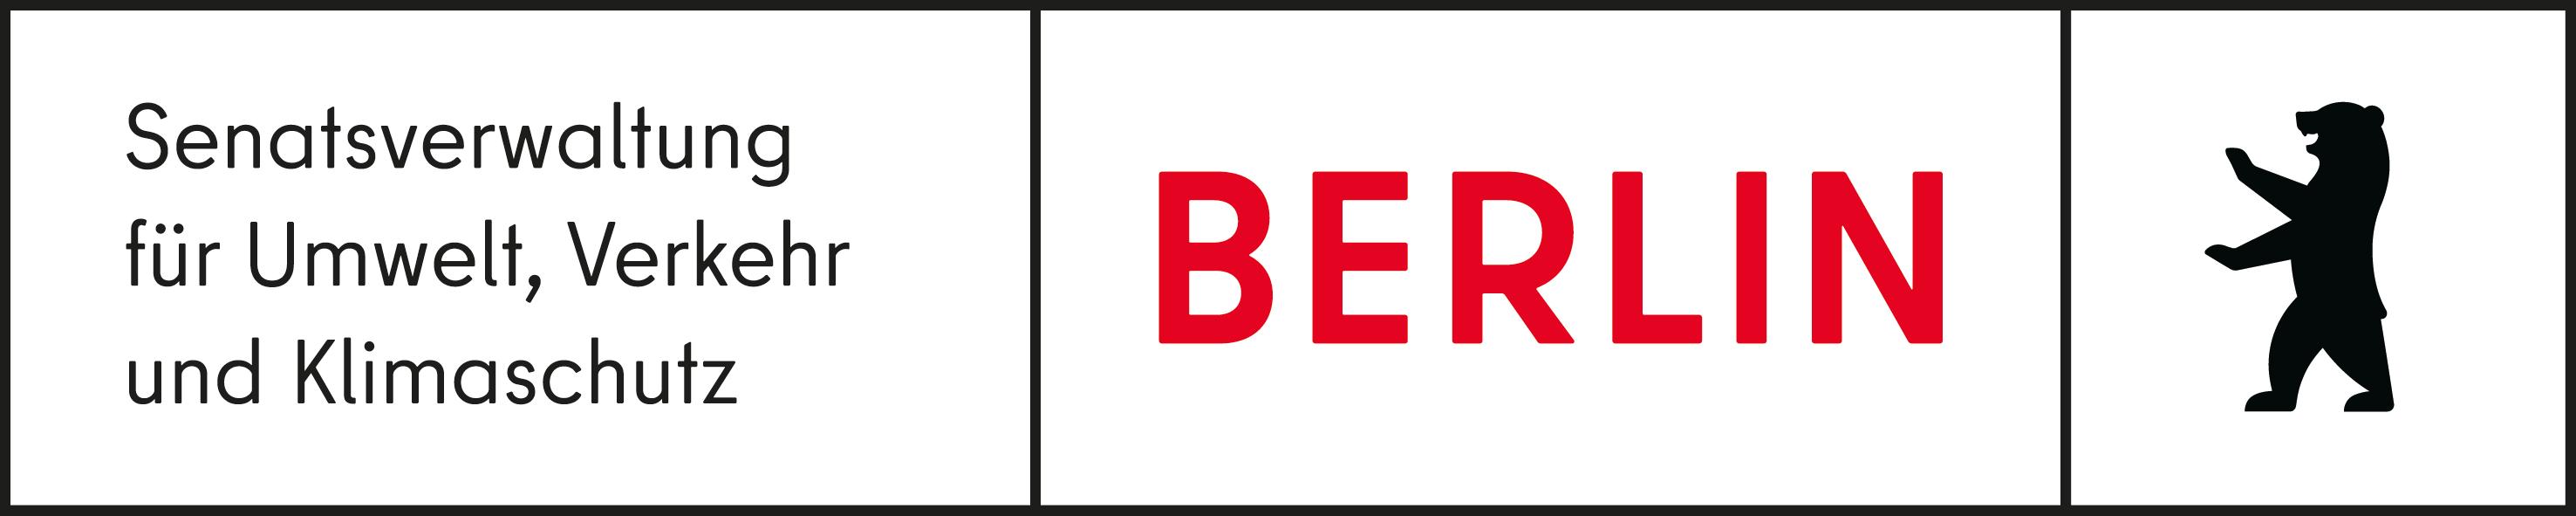 Logo der Berliner Senatsverwaltung für Umwelt, Verkehr und Klimaschutz